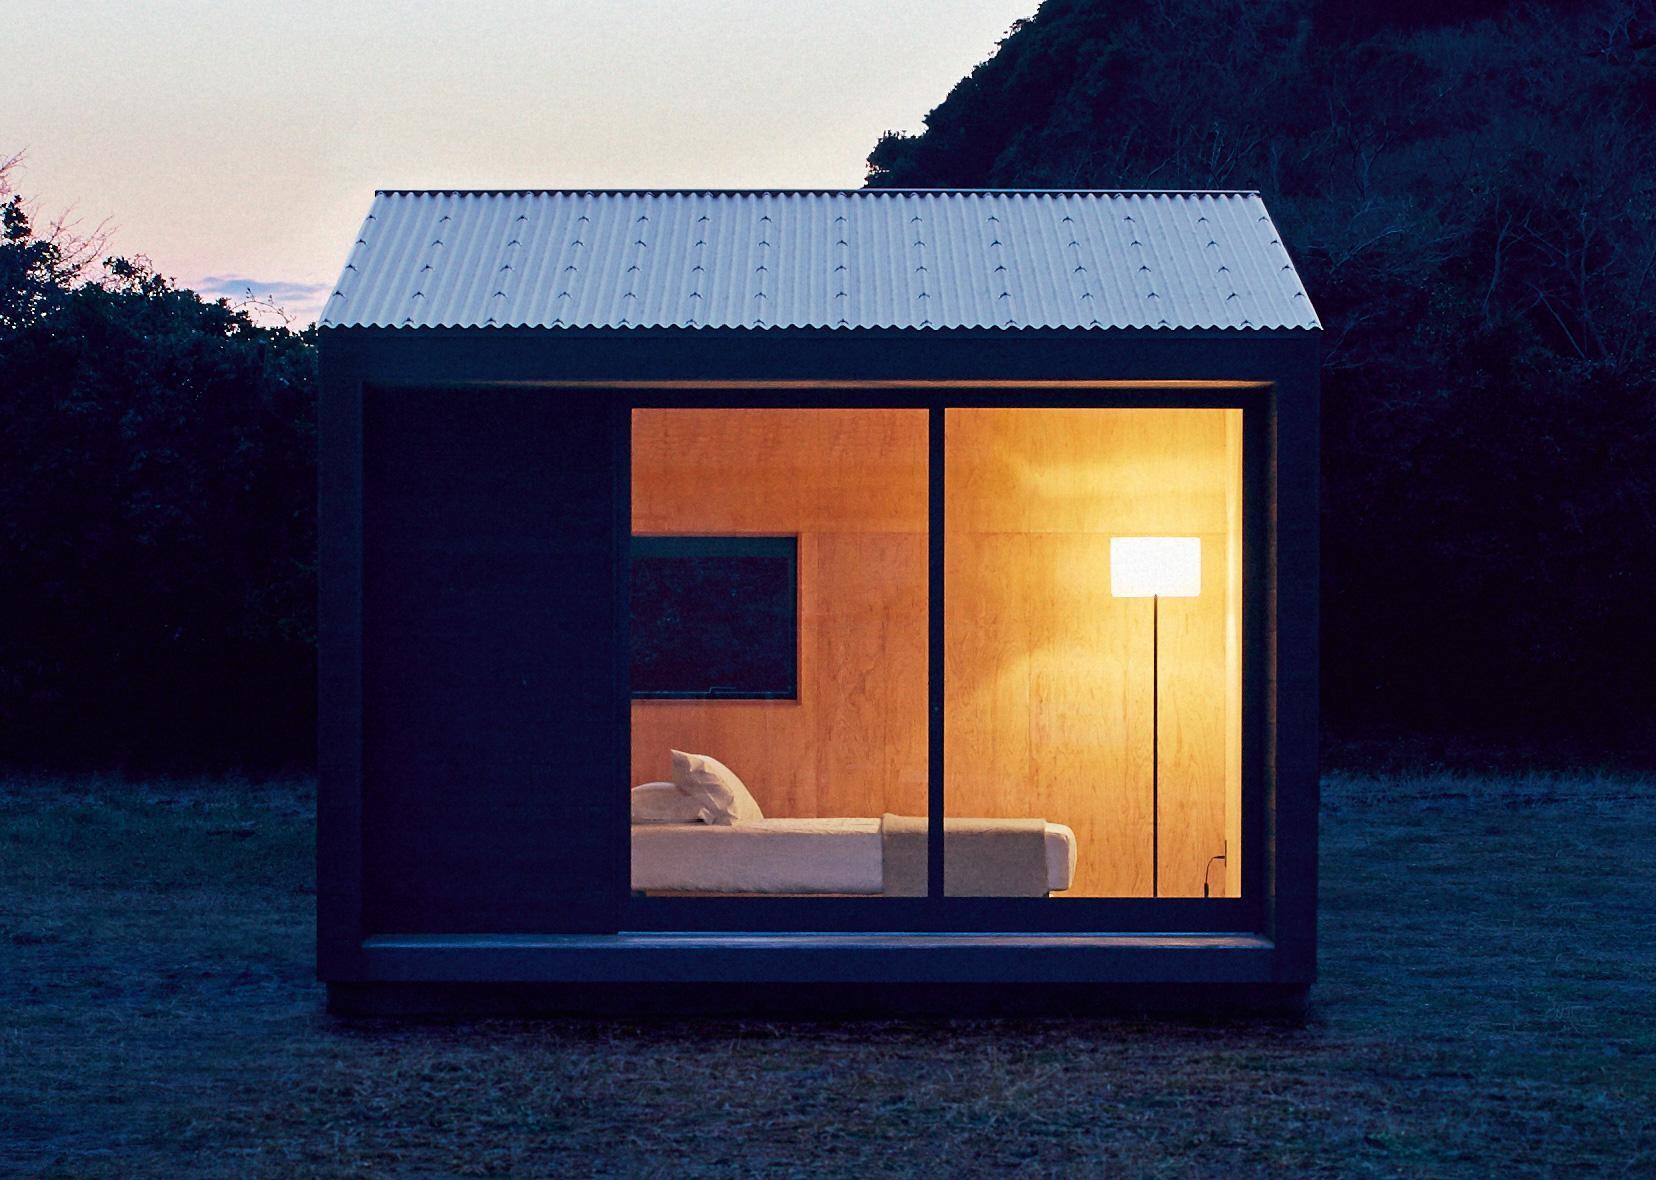 無印良品推出小屋?與大自然相融的MUJI HUT